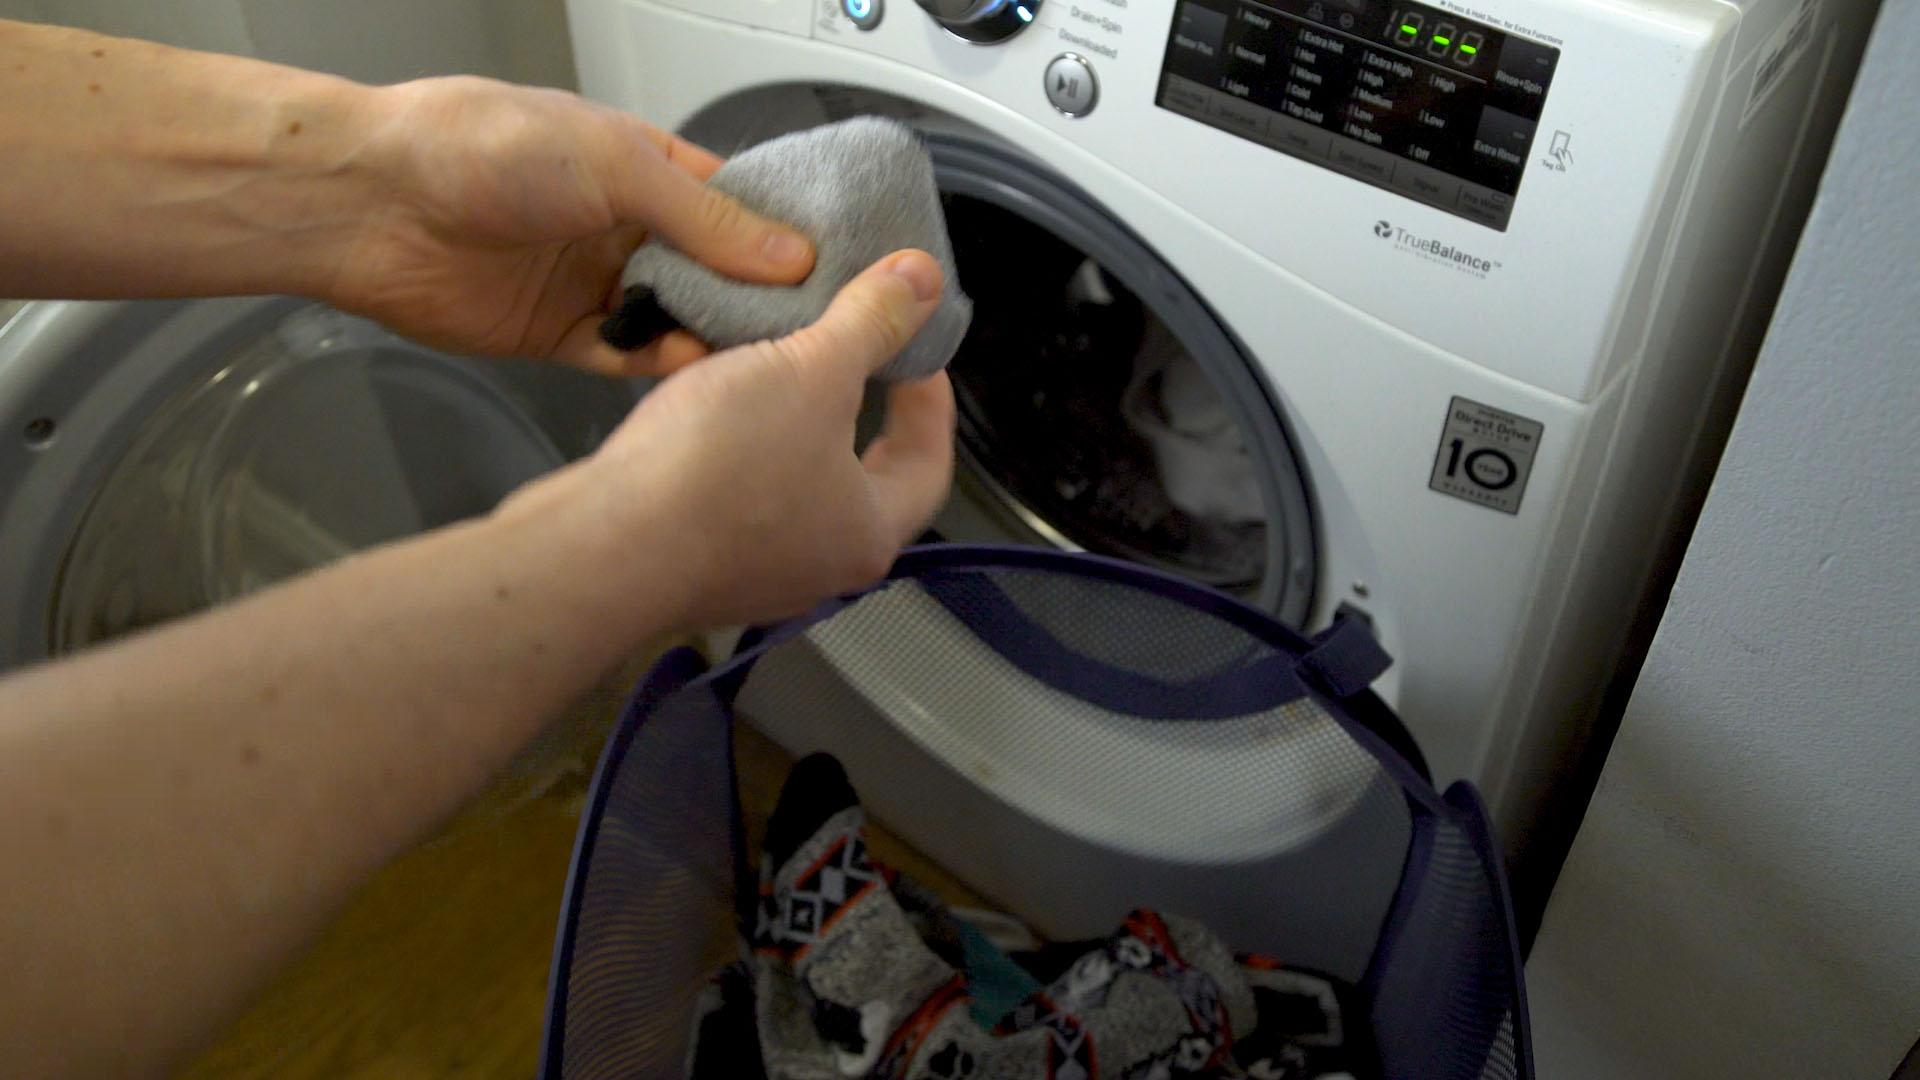 Manos de una persona coloca ropa sucia en una lavadora